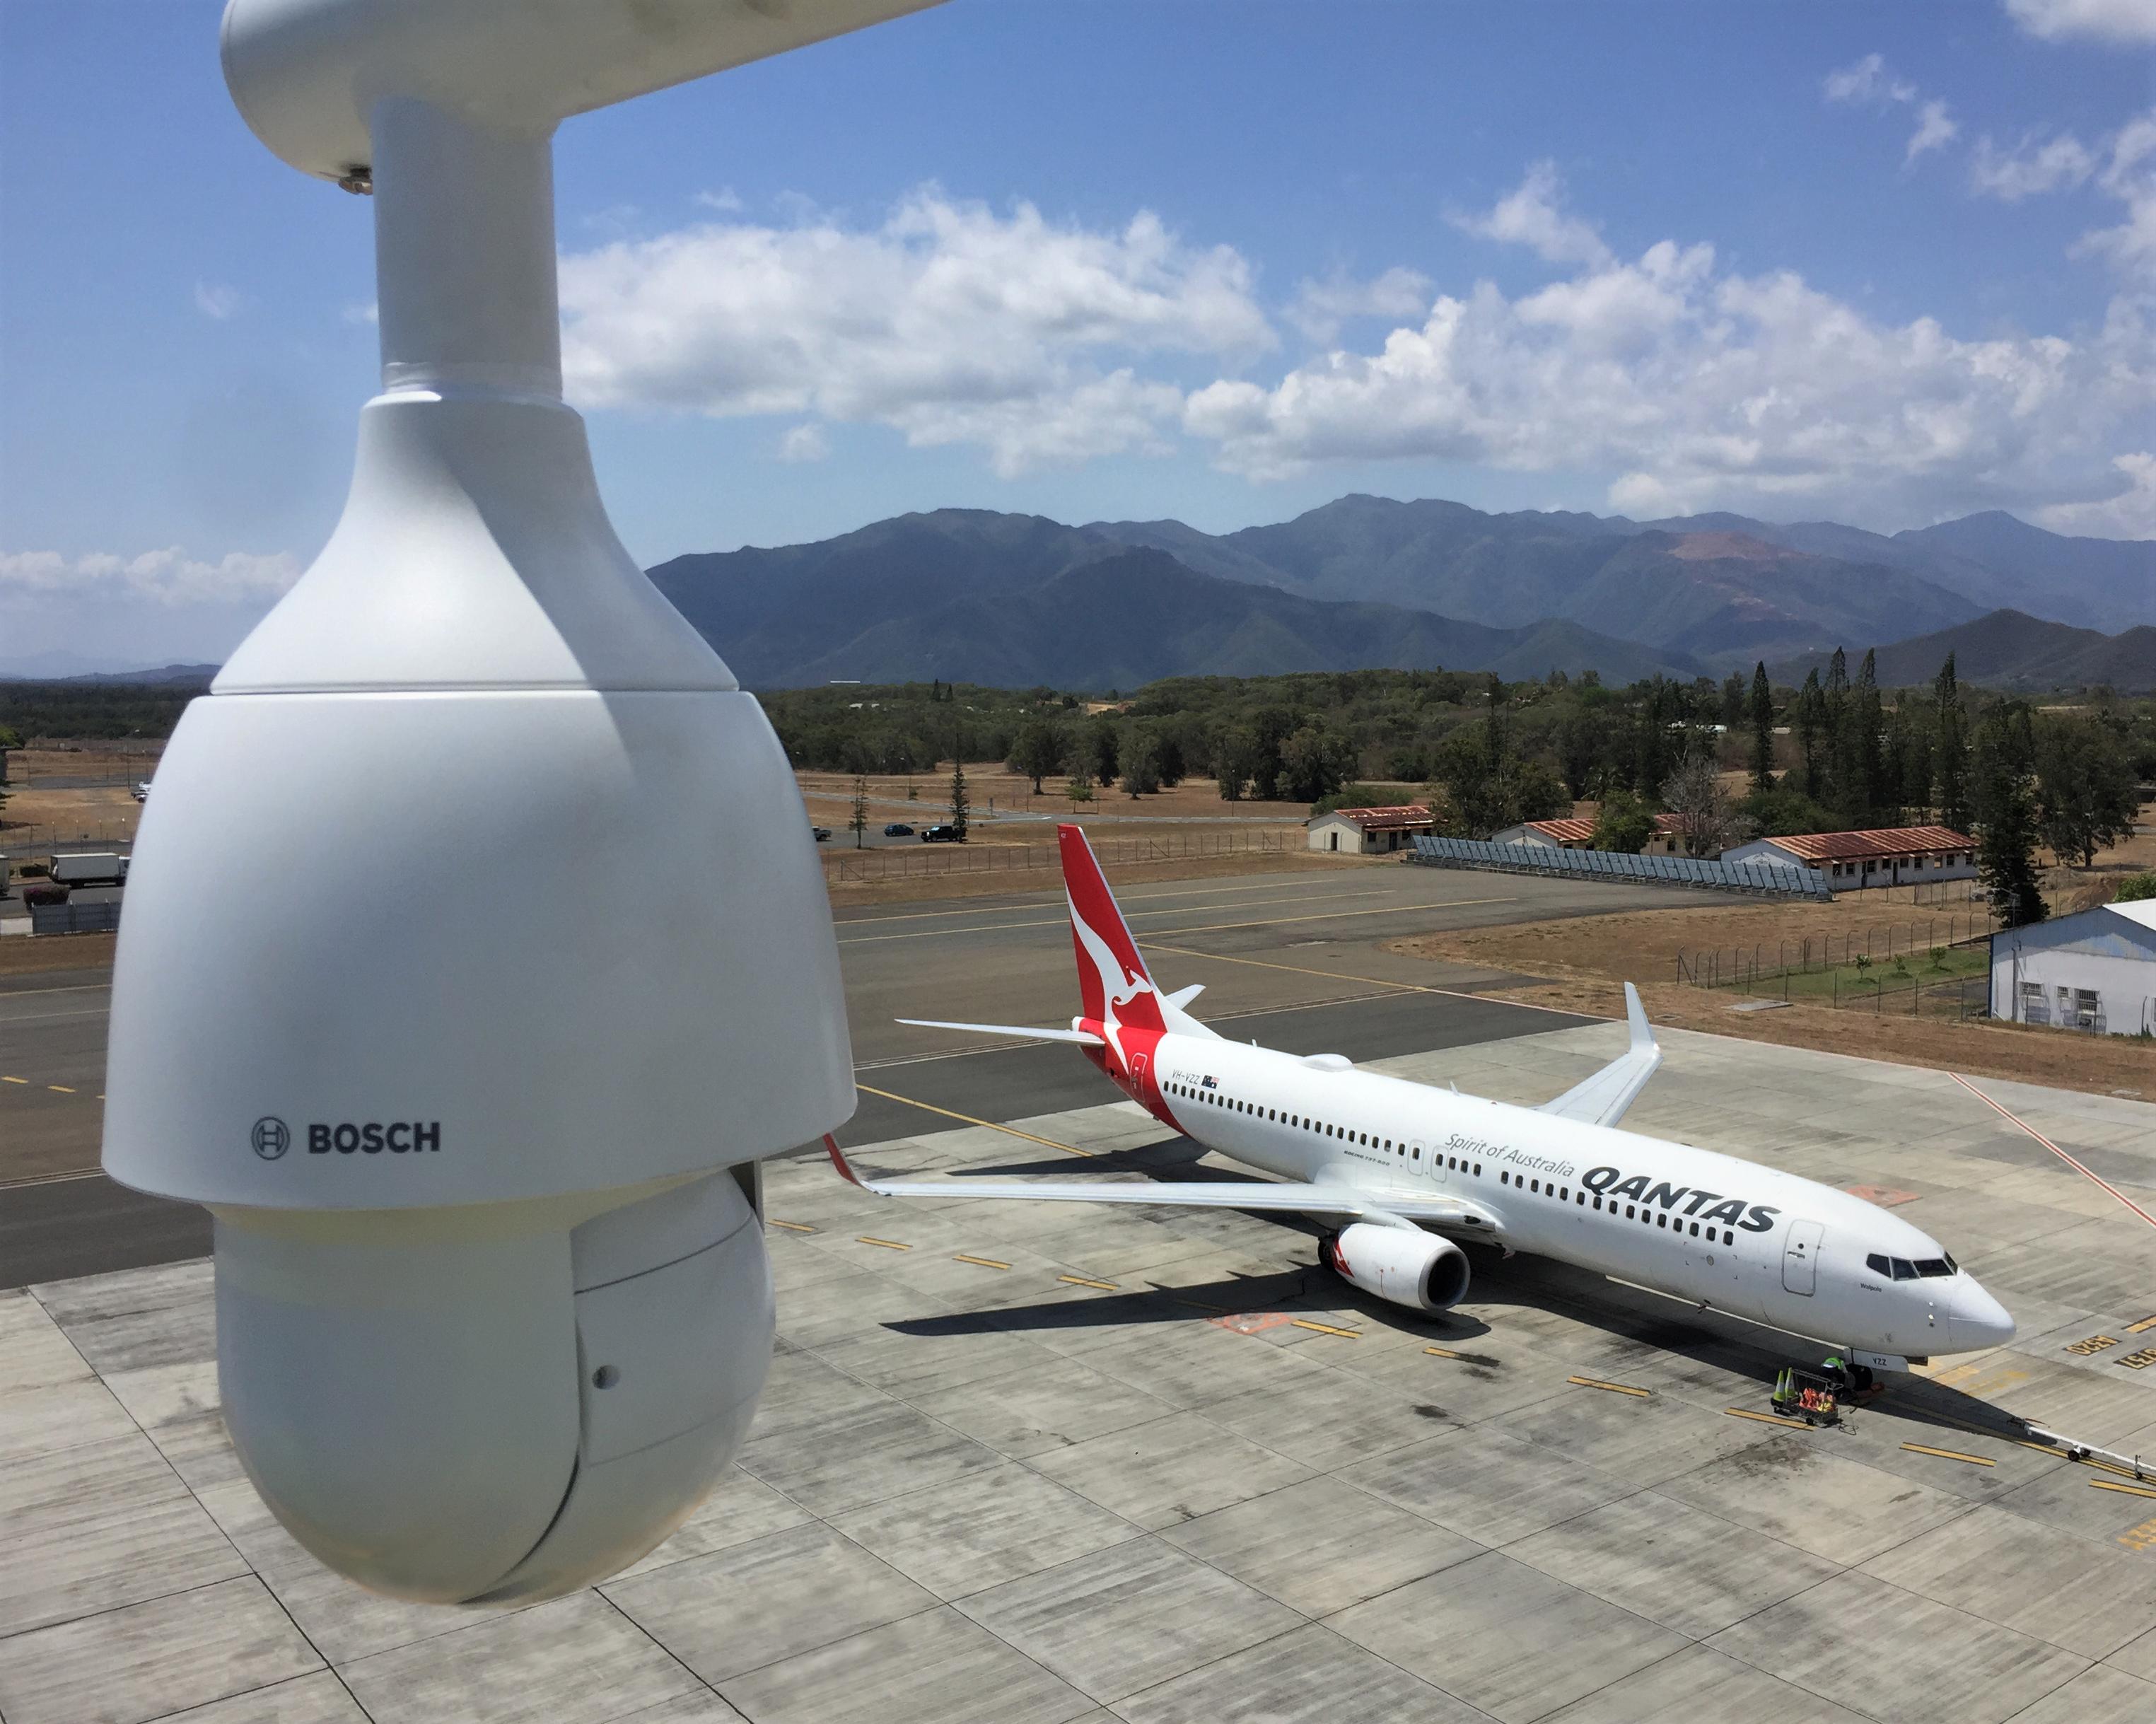 INDEO, votre partenaire Bosch en Nouvelle-Calédonie